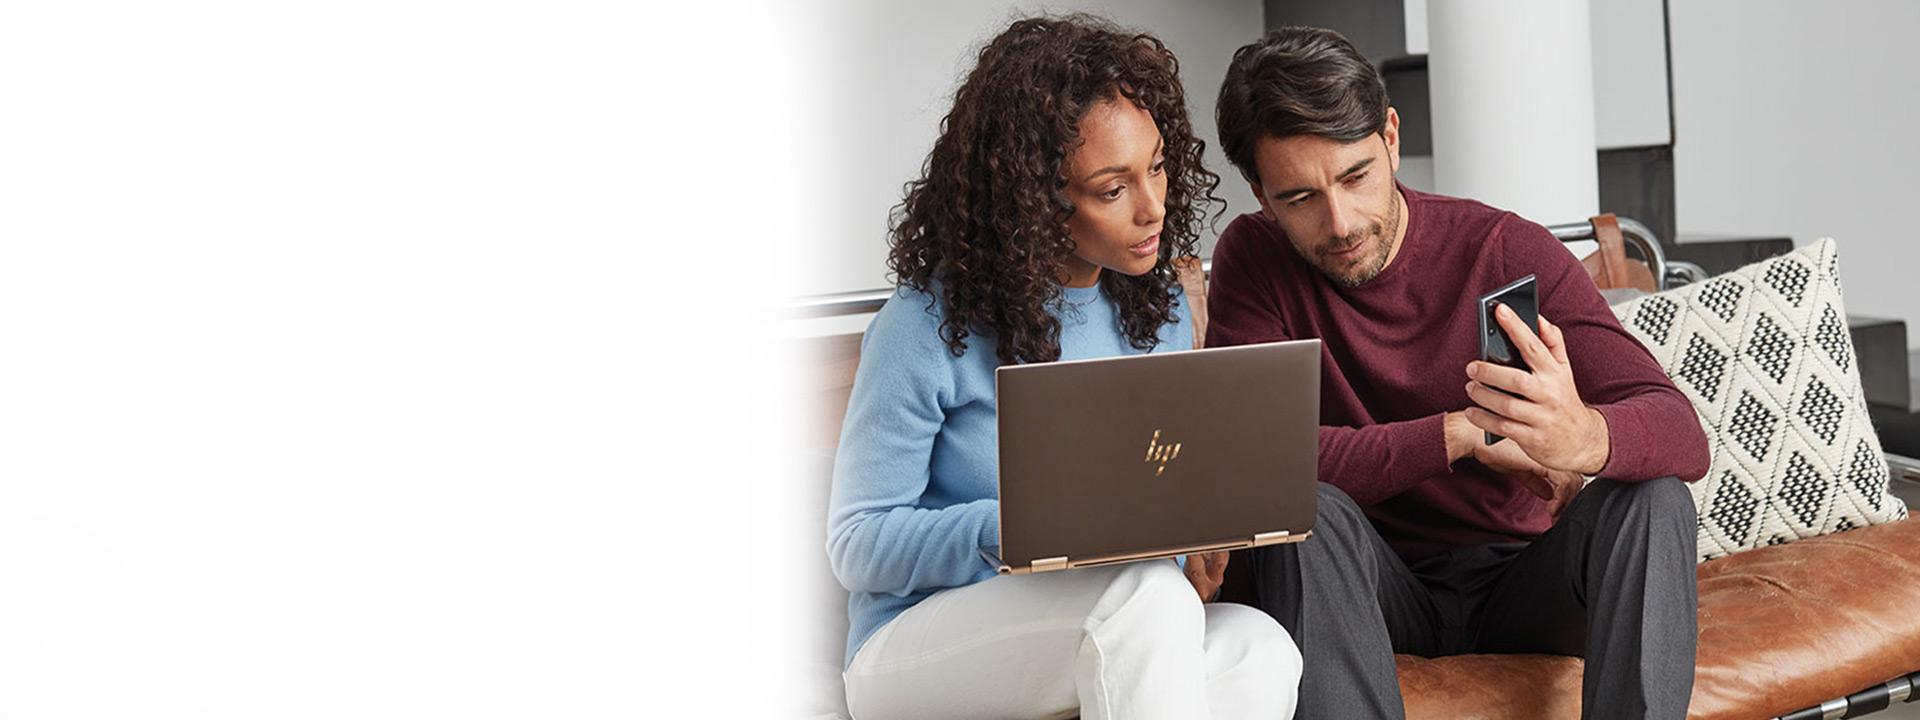 Femeie și bărbat stând pe o canapea uitându-se împreună la un laptop cu Windows 10 și la un dispozitiv mobil